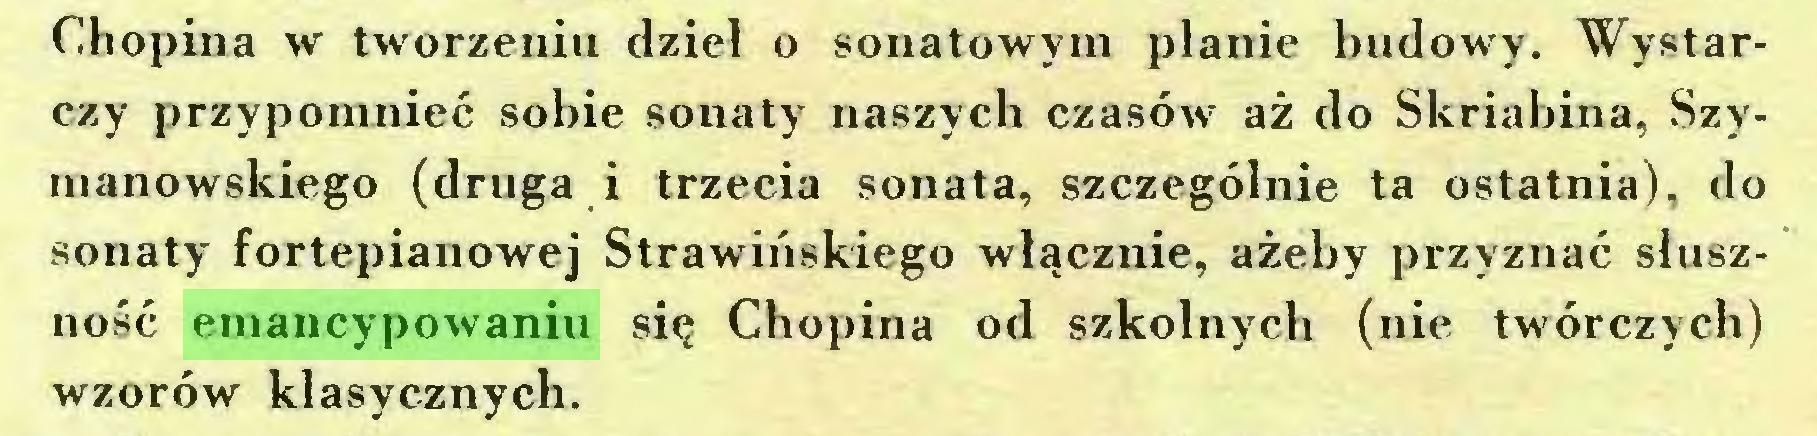 (...) Chopina w tworzeniu dzieł o sonatowym planie budowy. Wystarczy przypomnieć sobie sonaty naszych czasów aż do Skriabina, Szymanowskiego (druga i trzecia sonata, szczególnie ta ostatnia), do sonaty fortepianowej Strawińskiego włącznie, ażeby przyznać słuszność emancypowaniu się Chopina od szkolnych (nie twórczych) wzorów klasycznych...